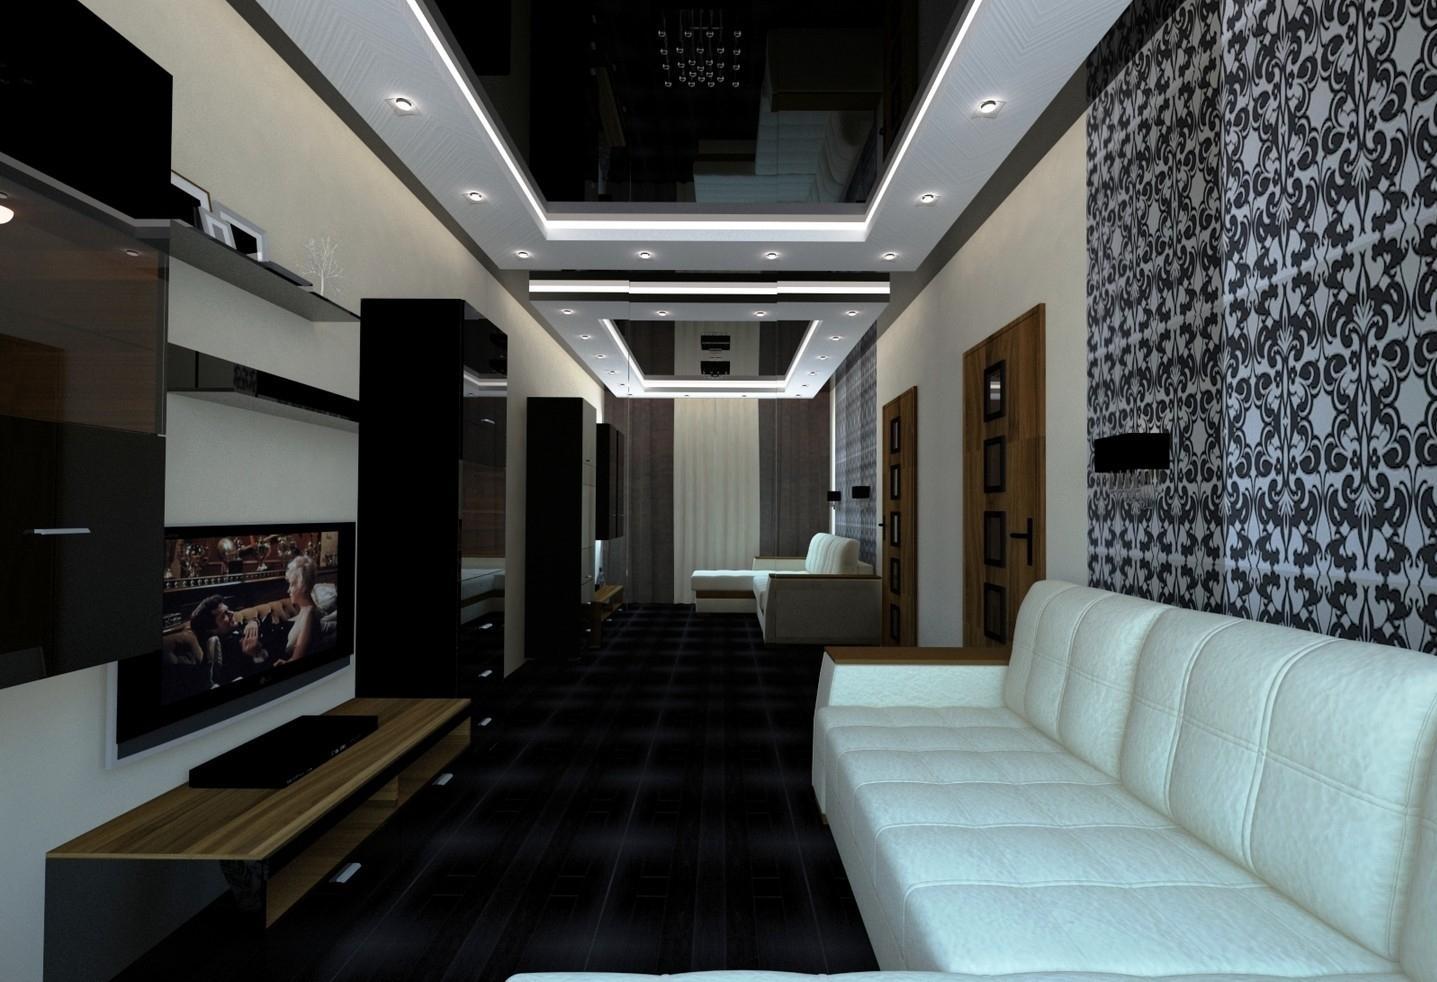 есть городе, фото комнат с черными натяжными потолками малышек-пони